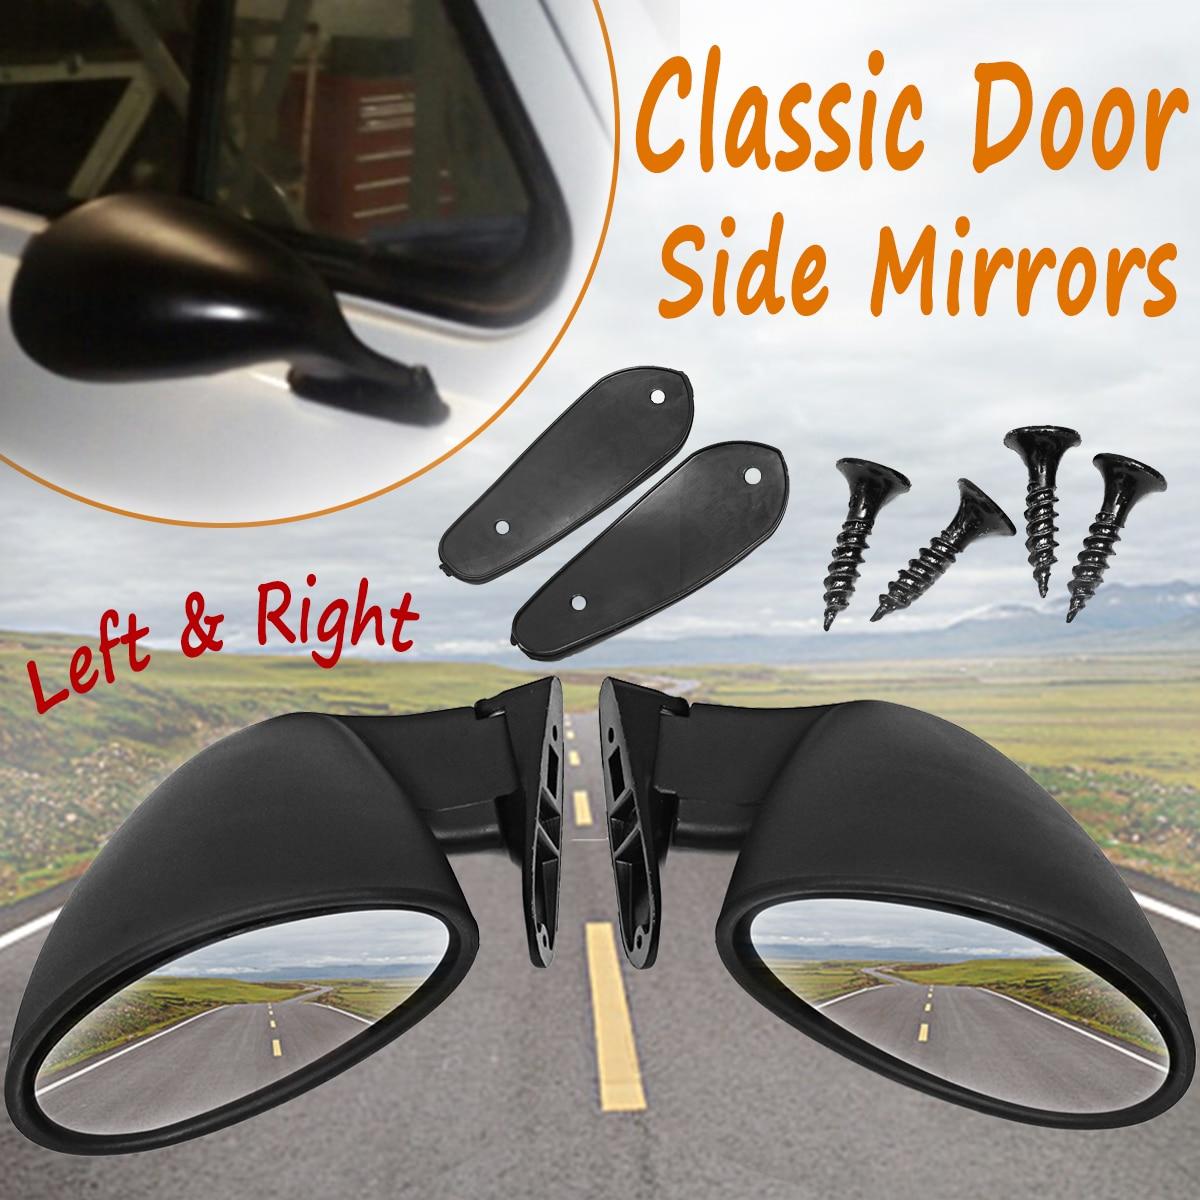 קליפורניה סגנון אוניברסלי רכב קלאסי רטרו דלת כנף צד מראה אחורית בציר מט שחור L + R